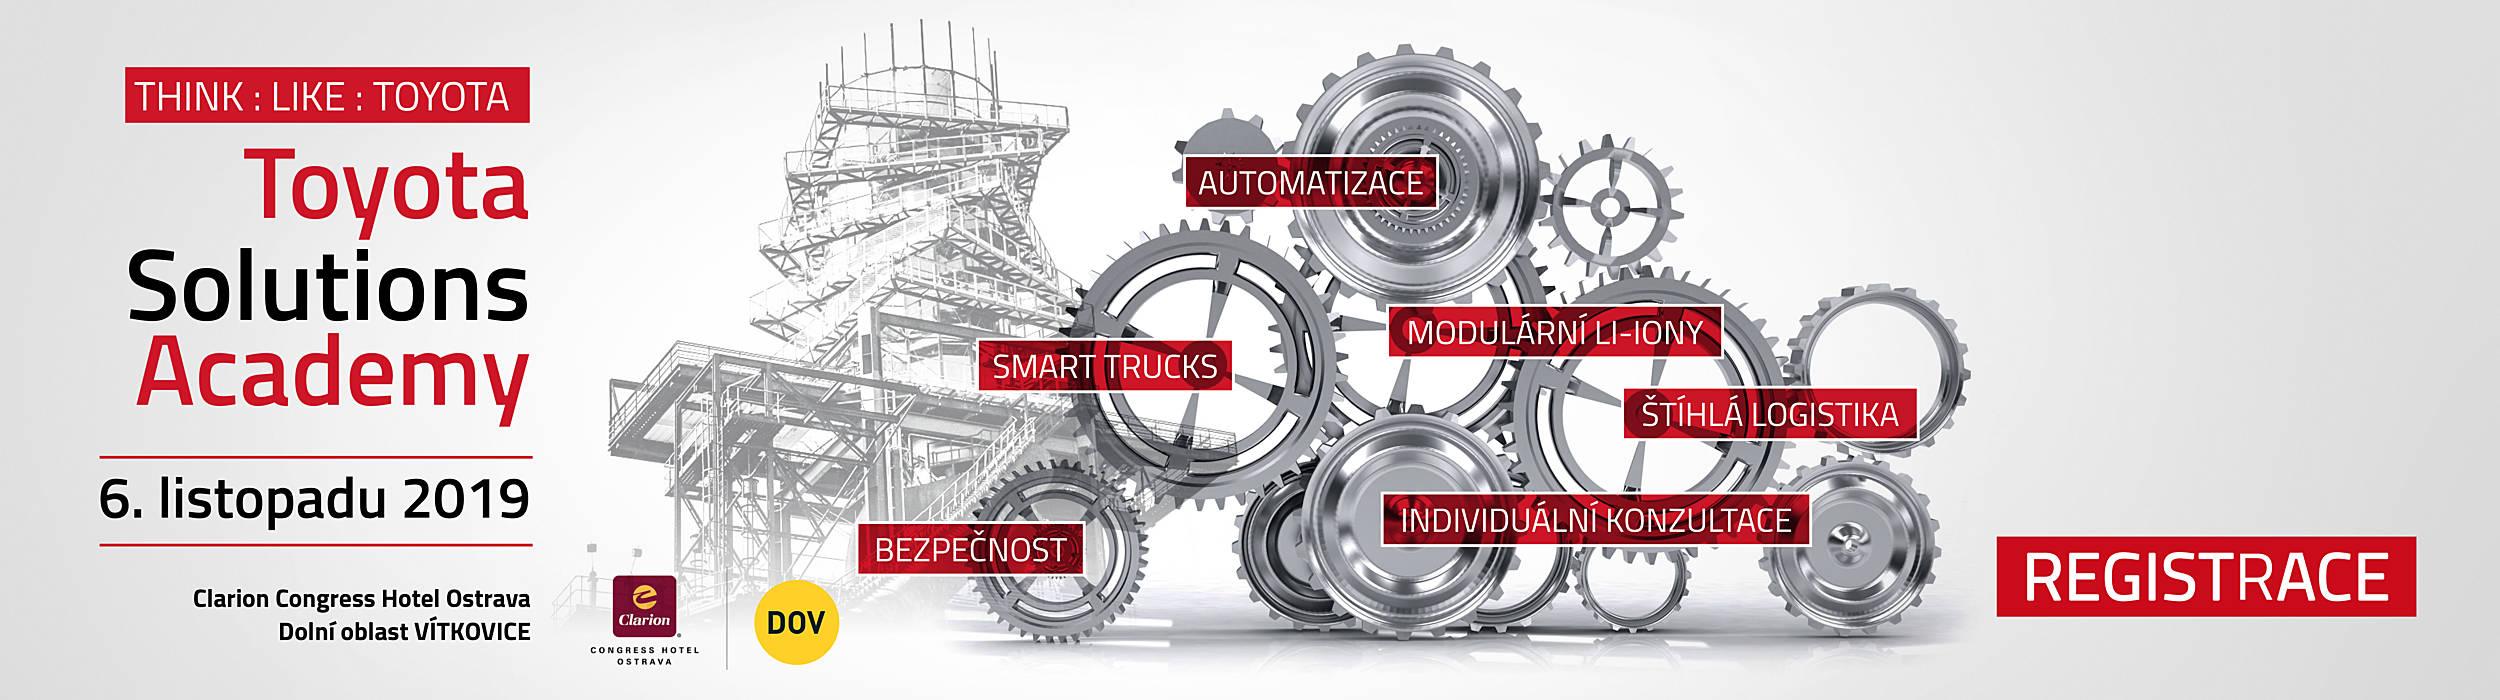 Toyota Solutions Academy v Ostravě Vítkovicích - Automatizace, Štíhlá logistika, Lithium-intové baterie, Správa flotily, Bezpečnost,